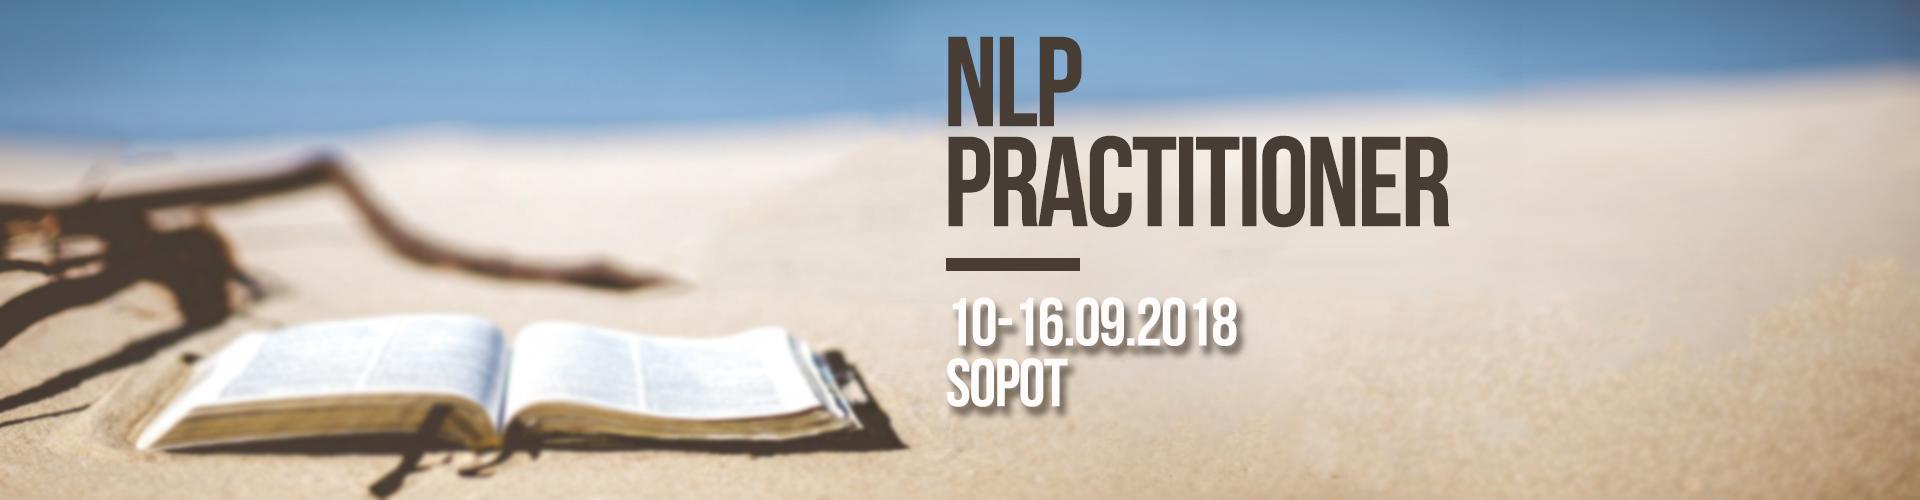 nlp_practitioner_sopot